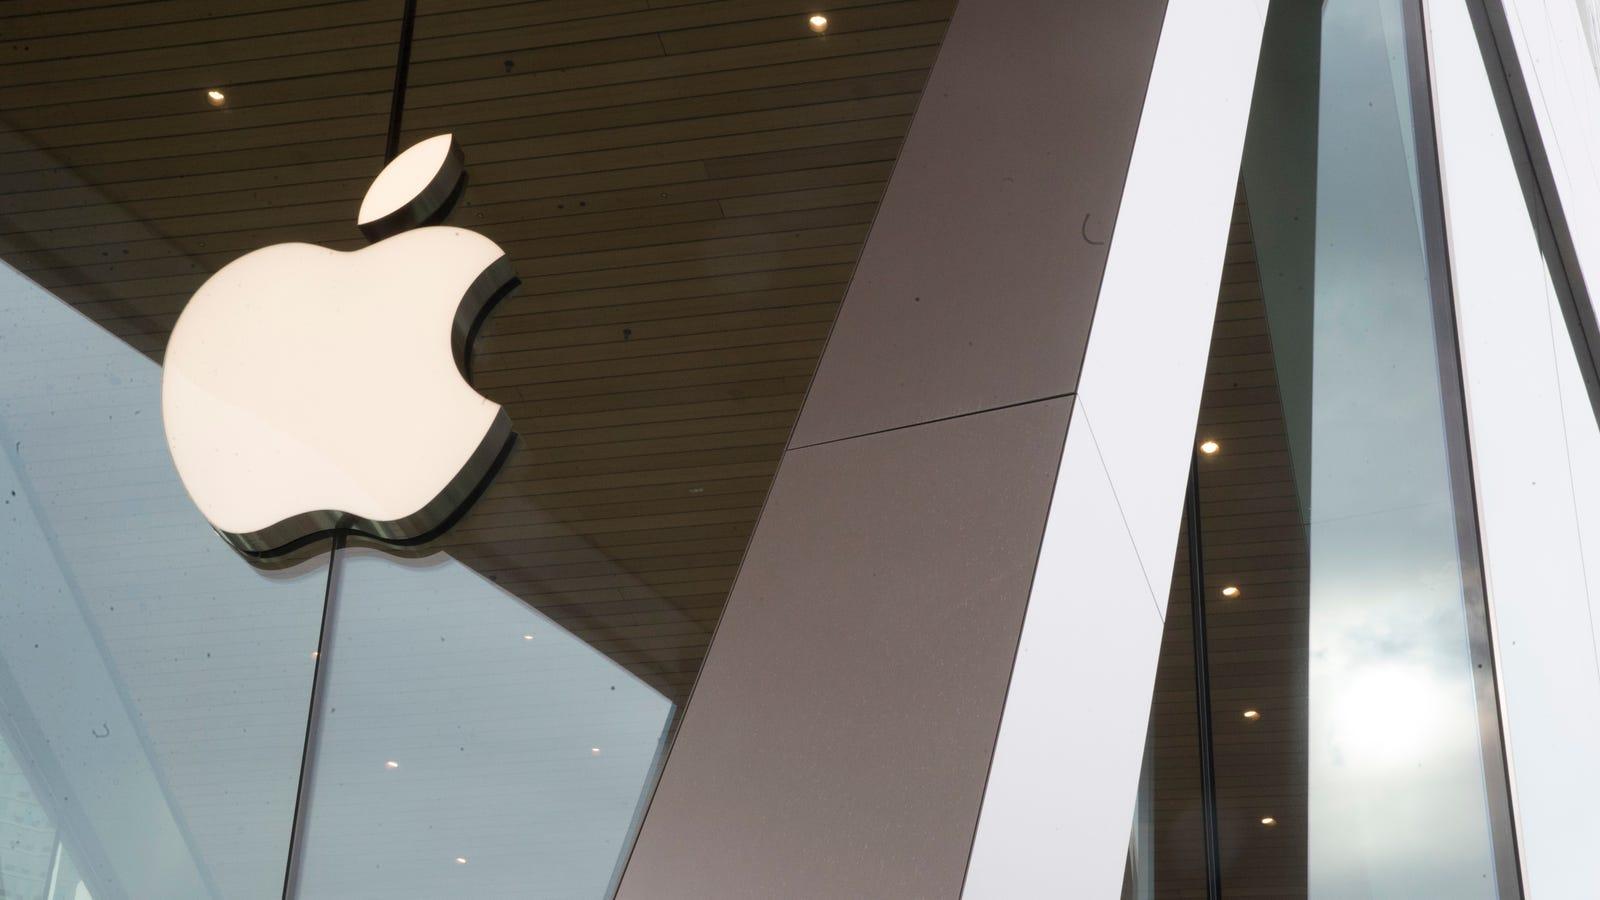 QnA VBage Even Apple Isn't Immune to AT&T's '5G E' Bullshit